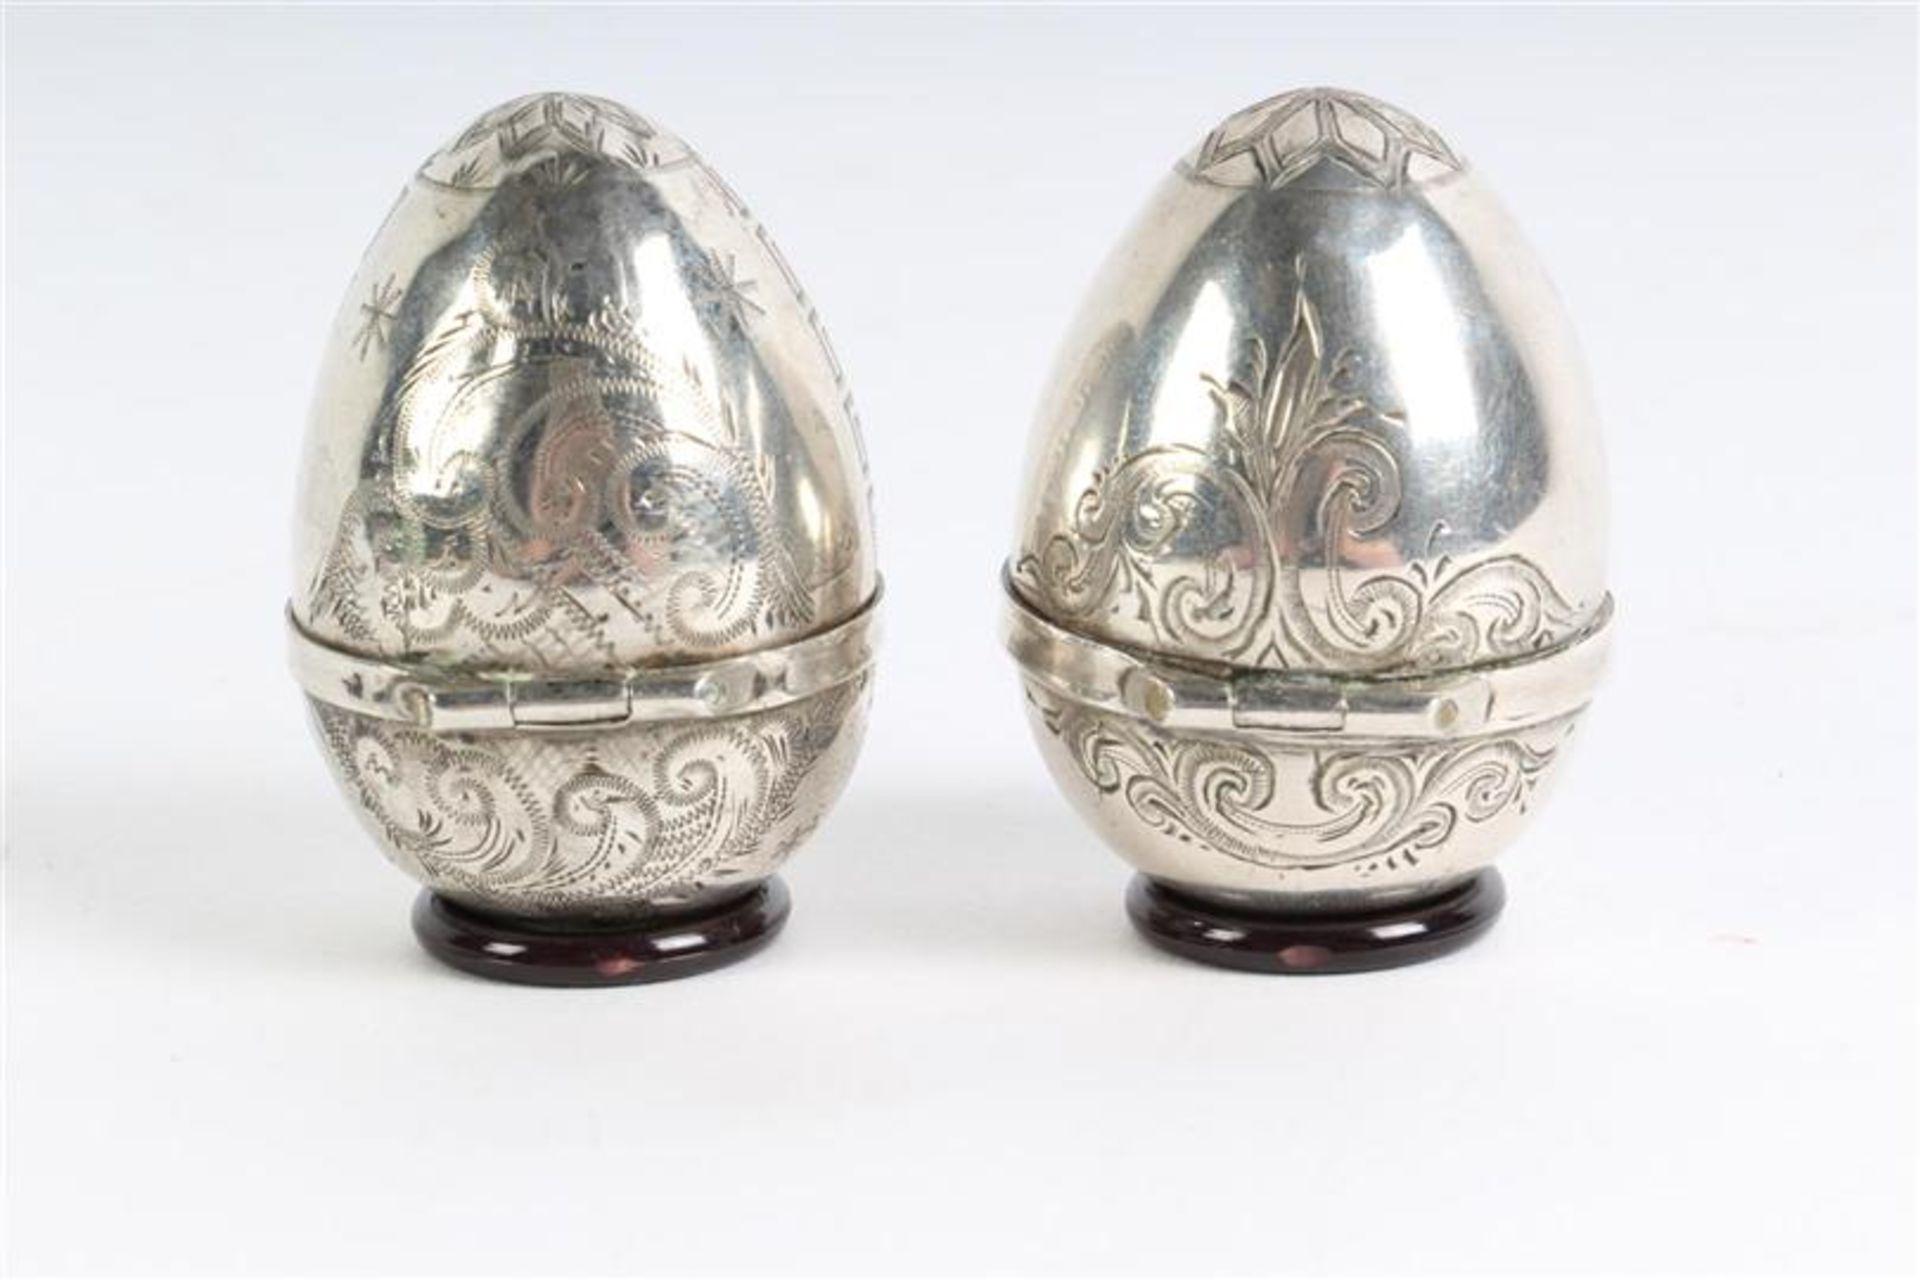 Twee eiervormige zilveren doosjes. H: 4.7 cm. - Bild 5 aus 5